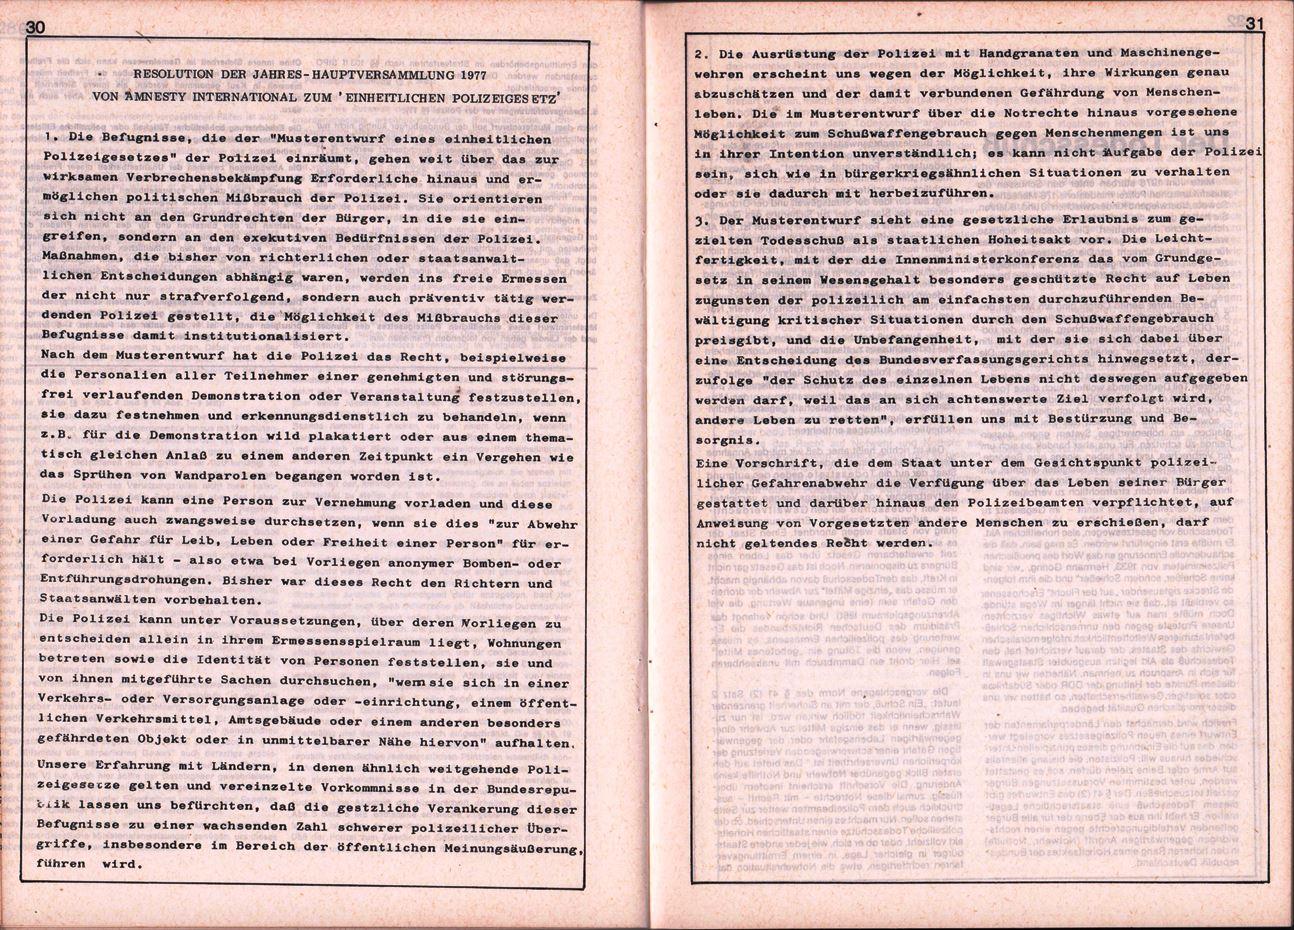 Polizeigesetz110